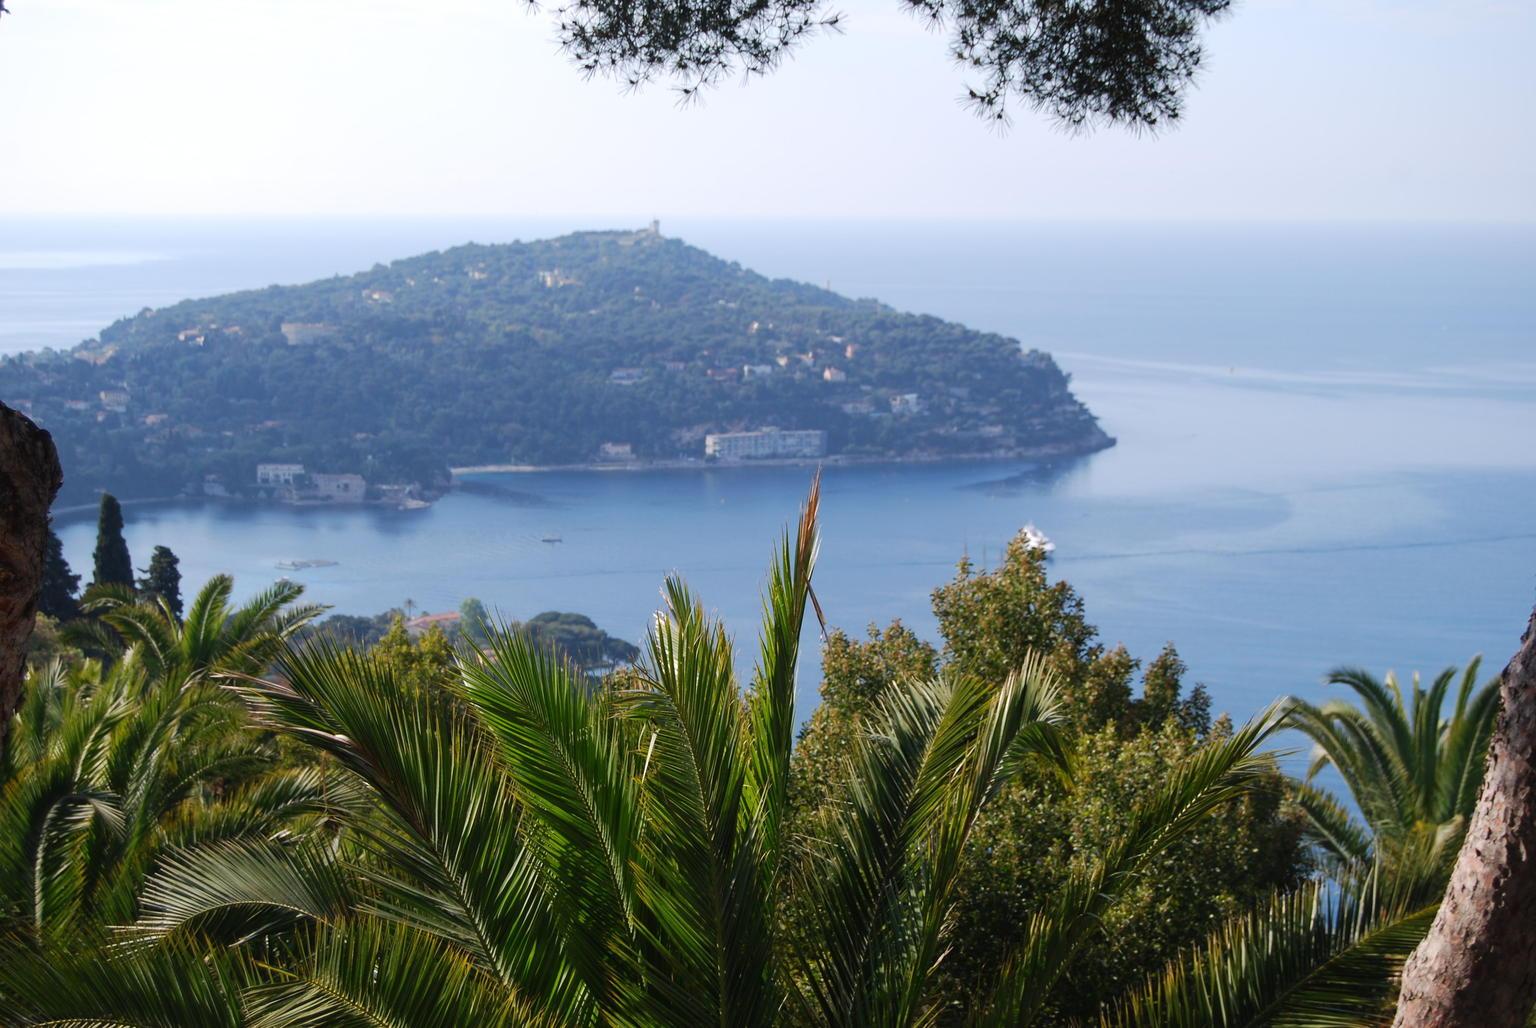 MÁS FOTOS, Excursión de un día por la Rivera Francesa desde Niza